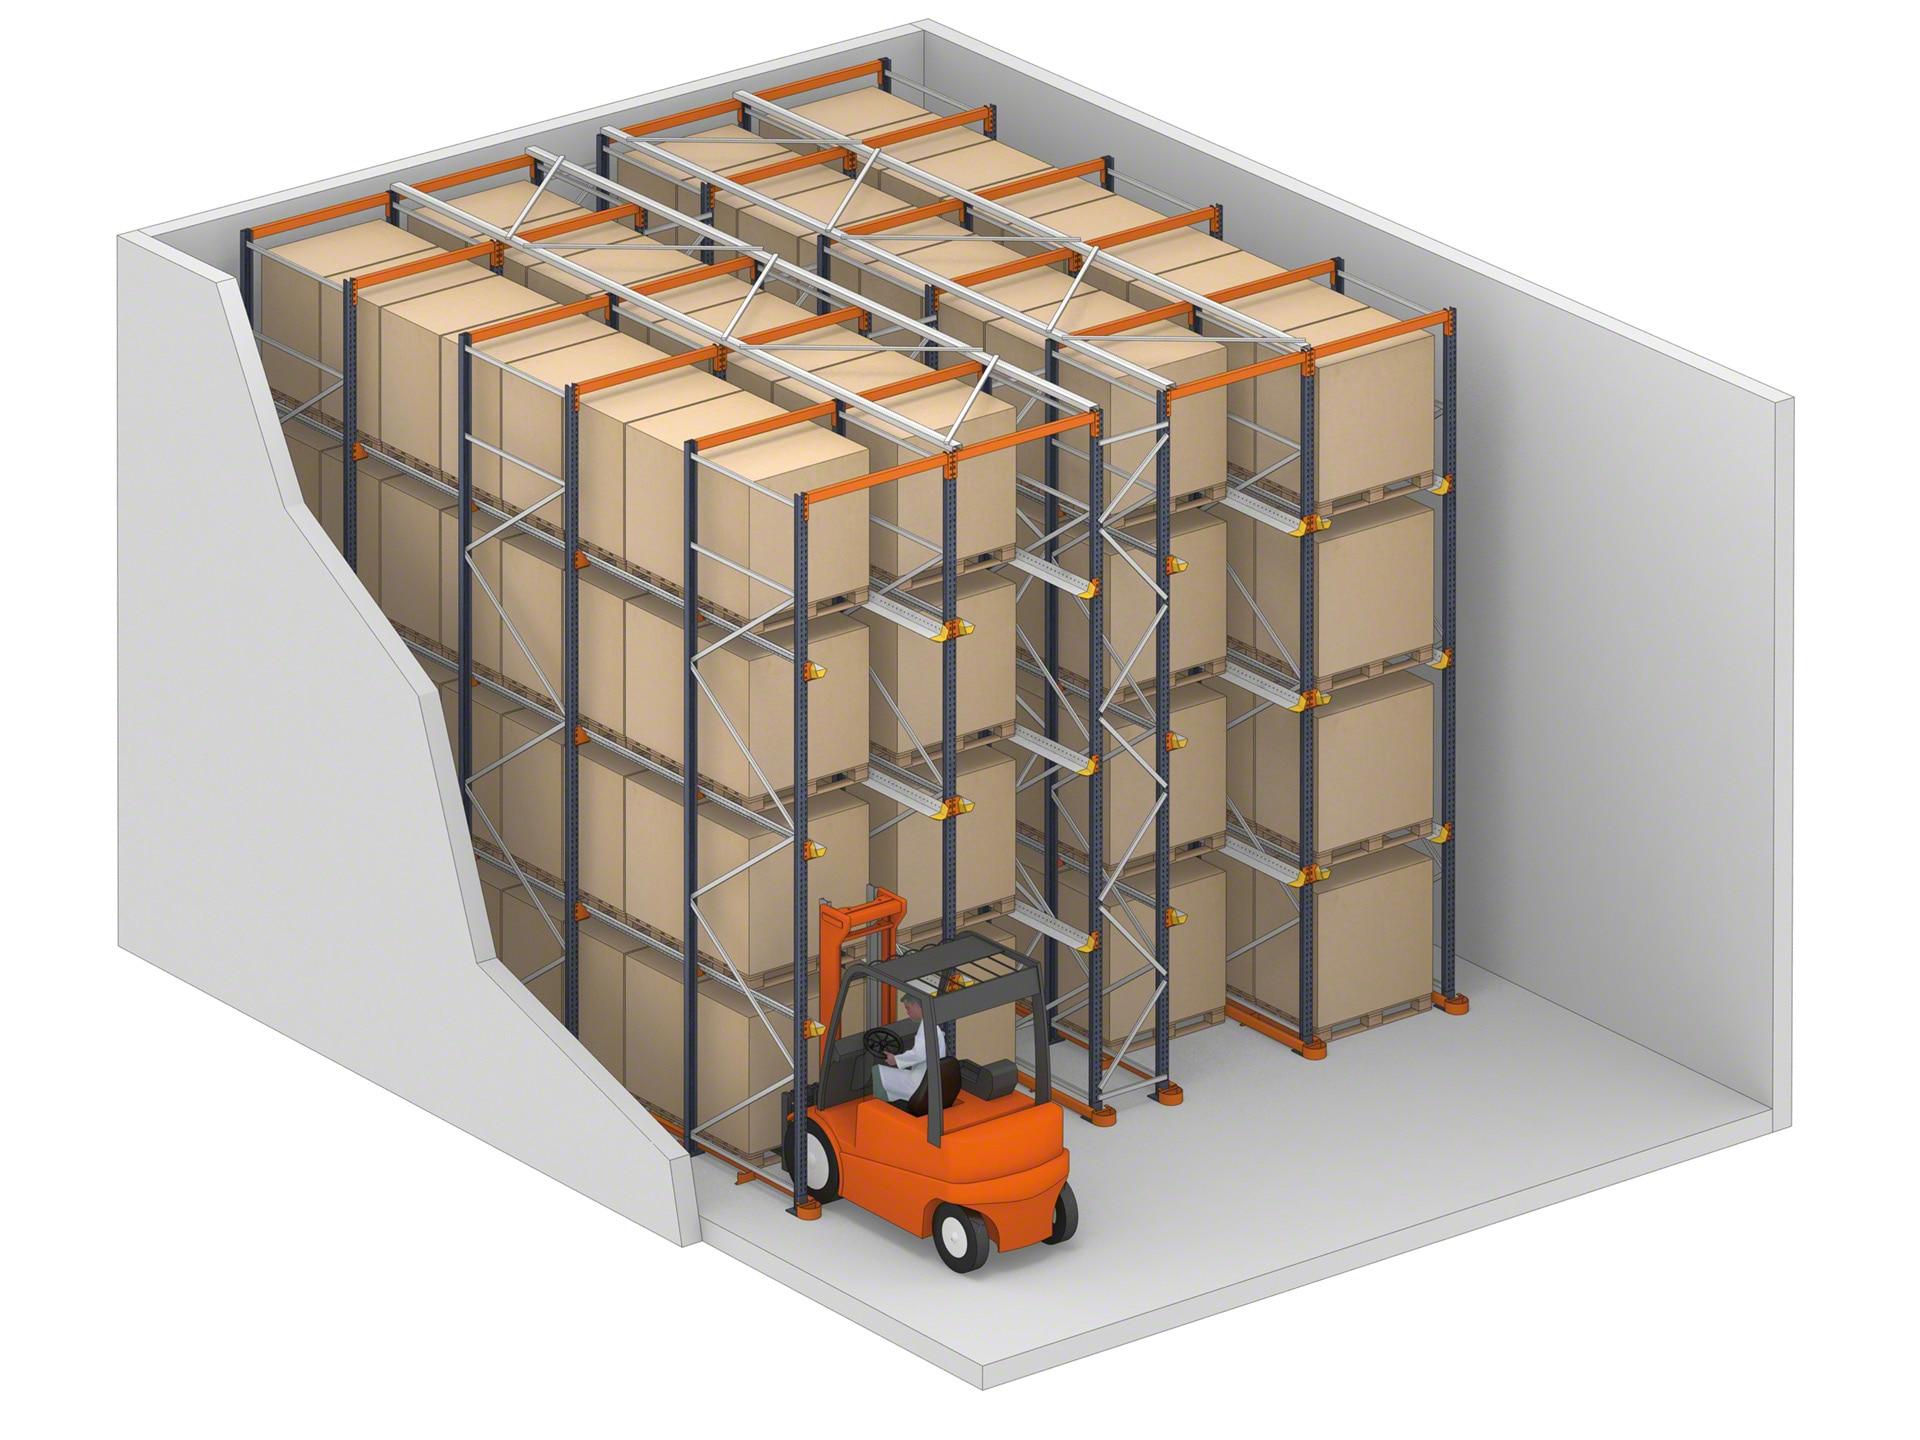 Система въезда - это полки, на которых грузовики могут получить доступ к товарам через свои каналы хранения